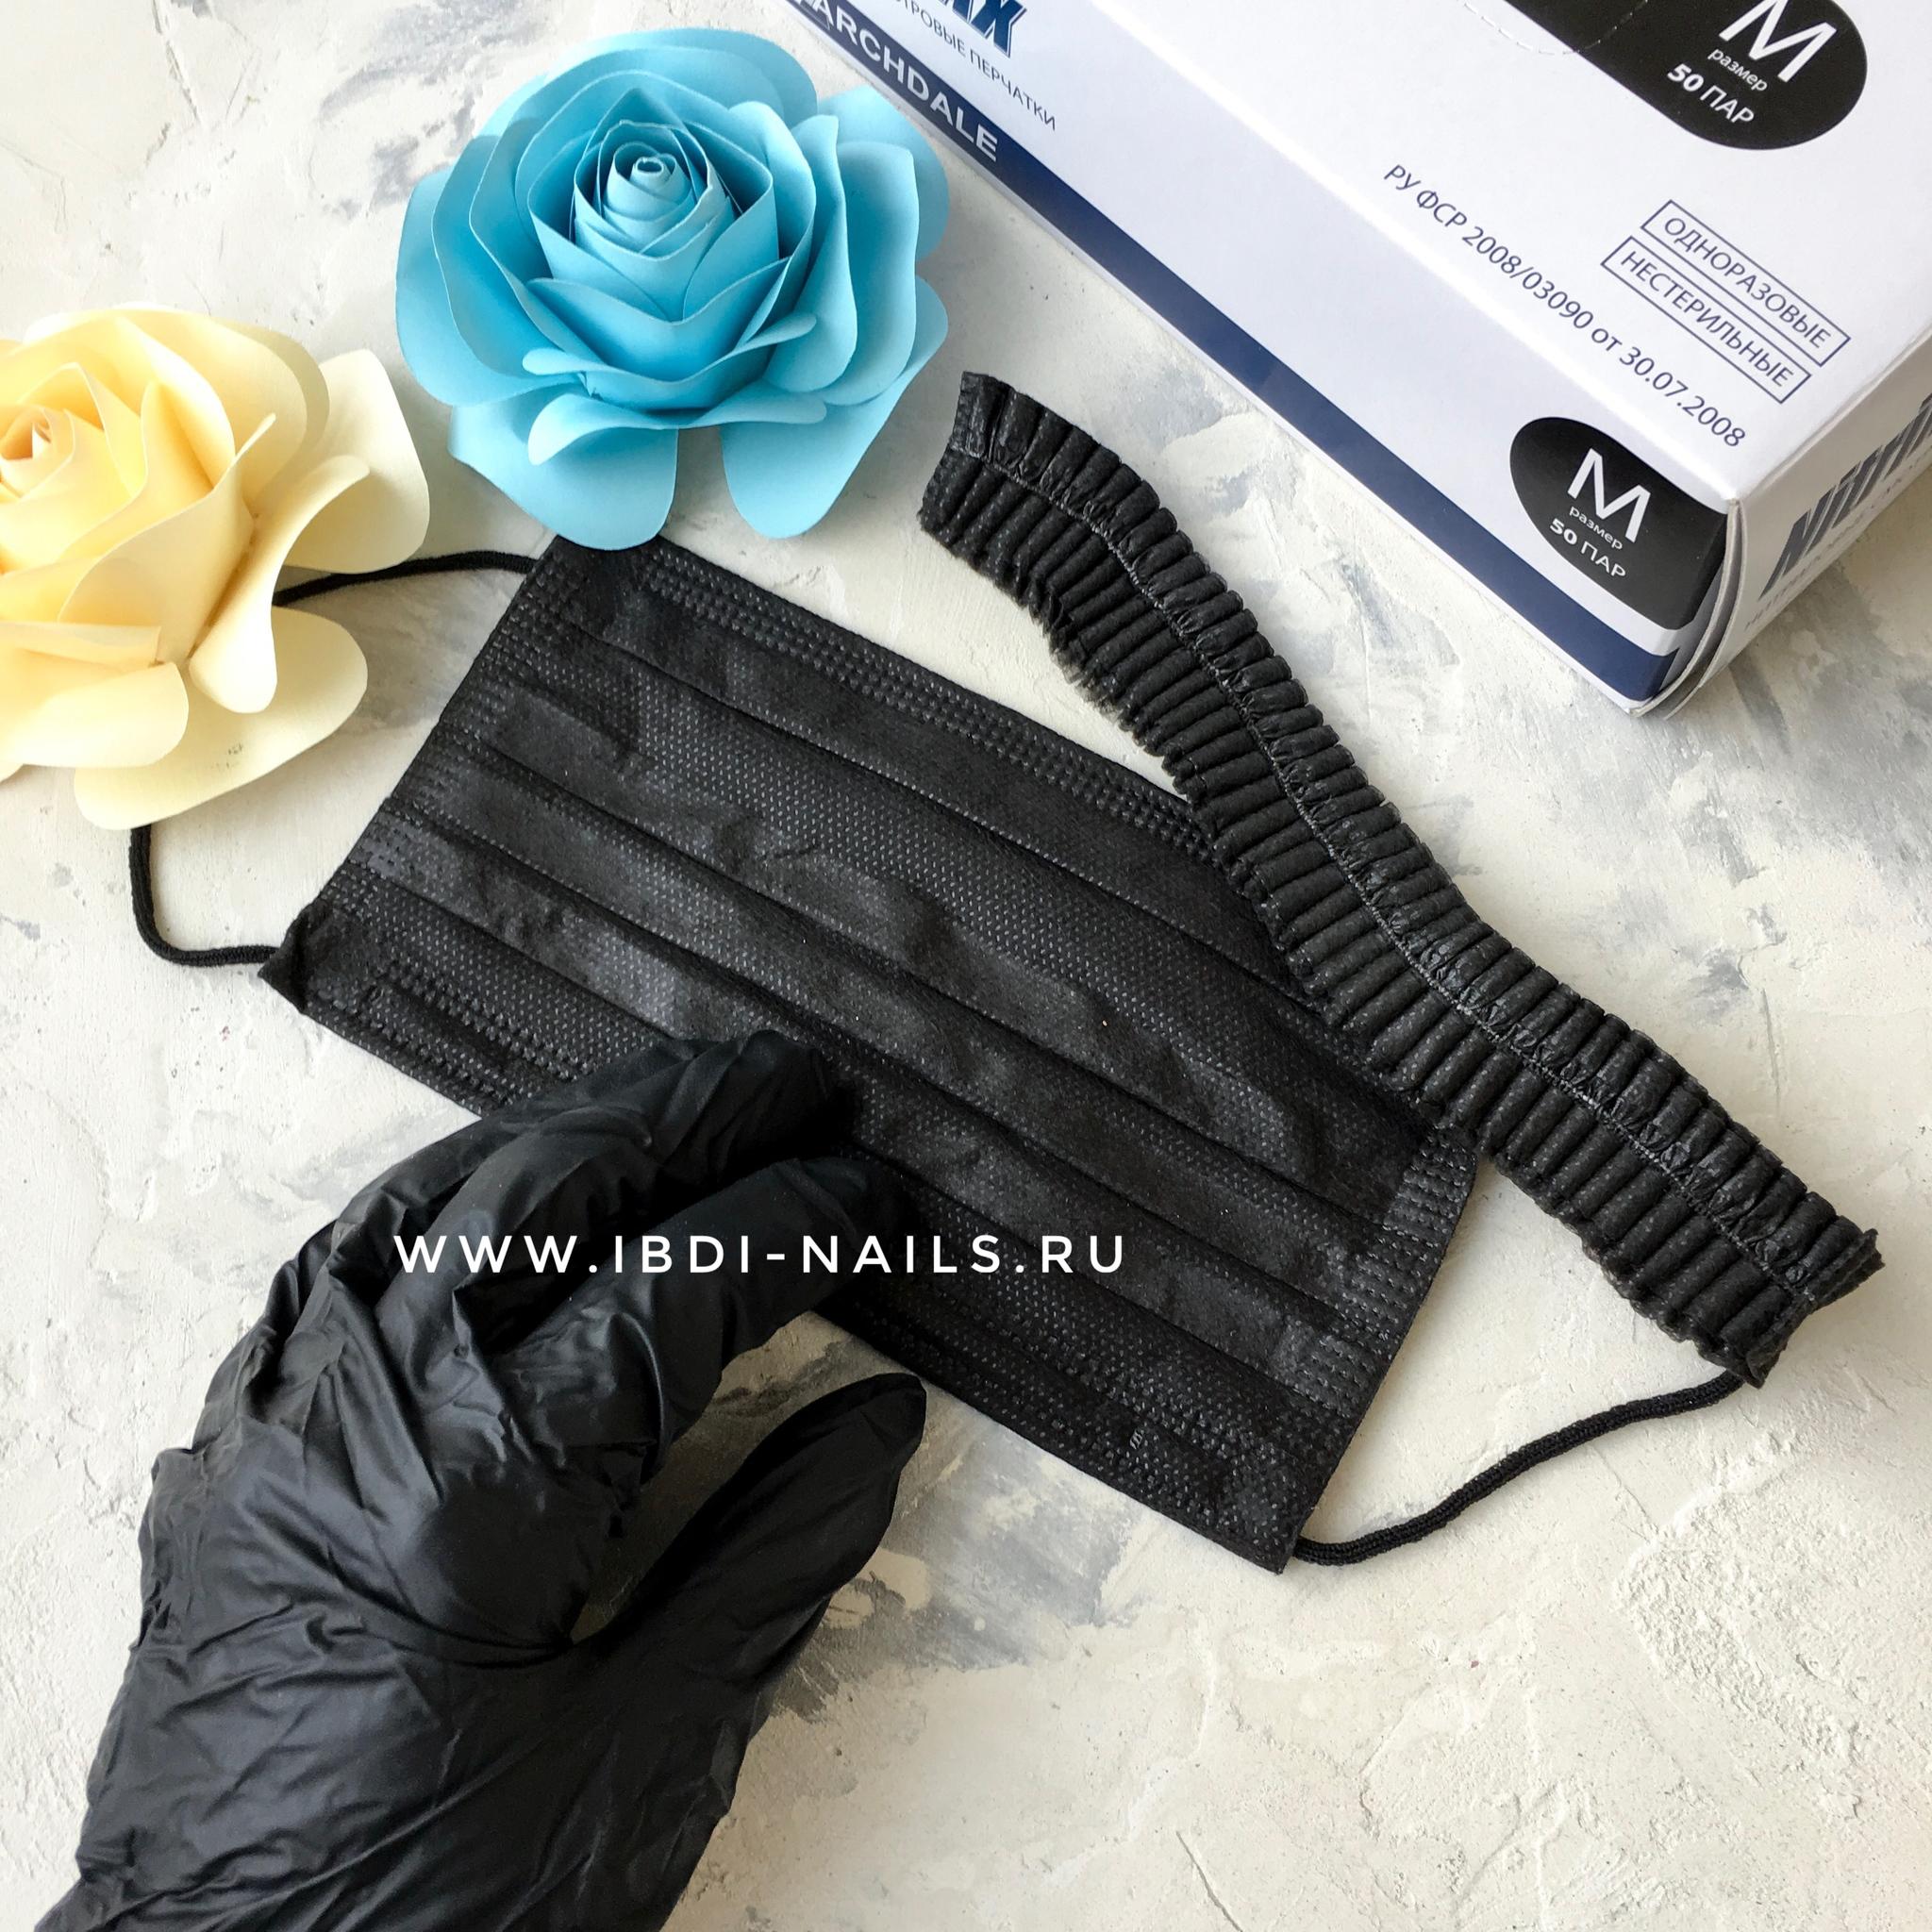 Перчатки NitriMAX нитриловые черные M 50 пар